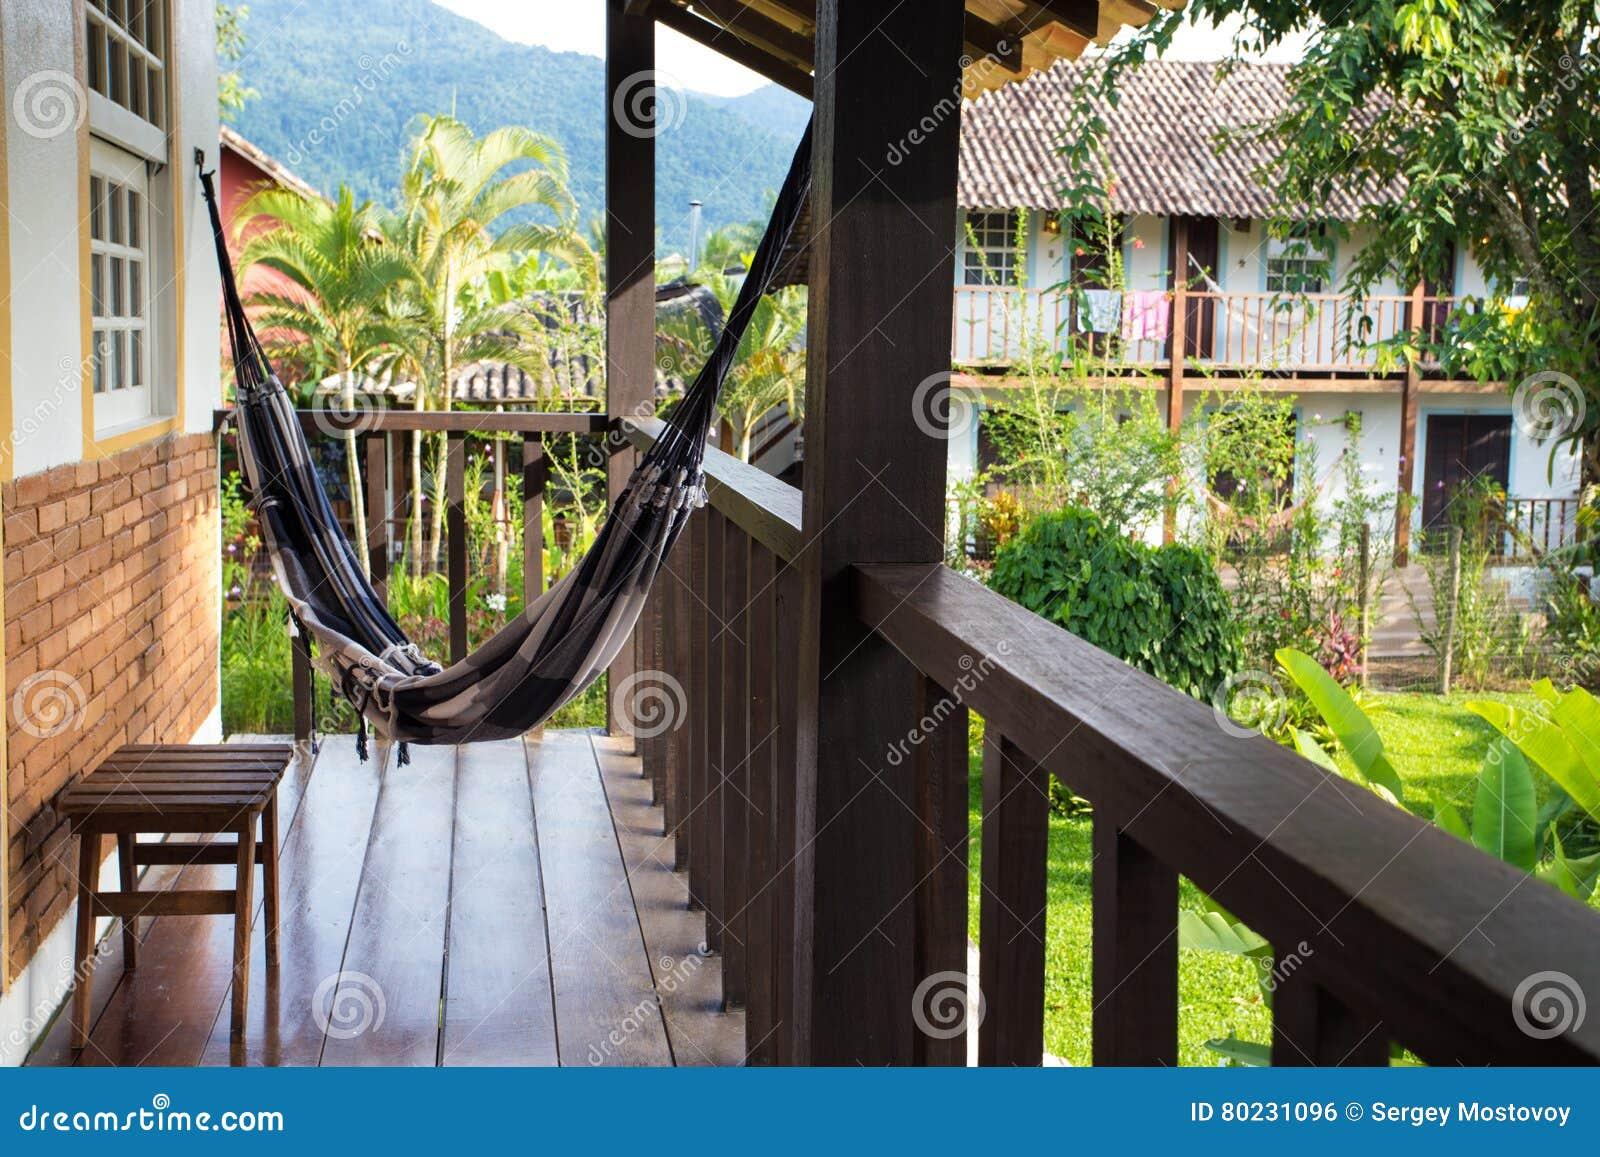 Hangematte Auf Einem Balkon Stockfoto Bild Von Blau Terrasse